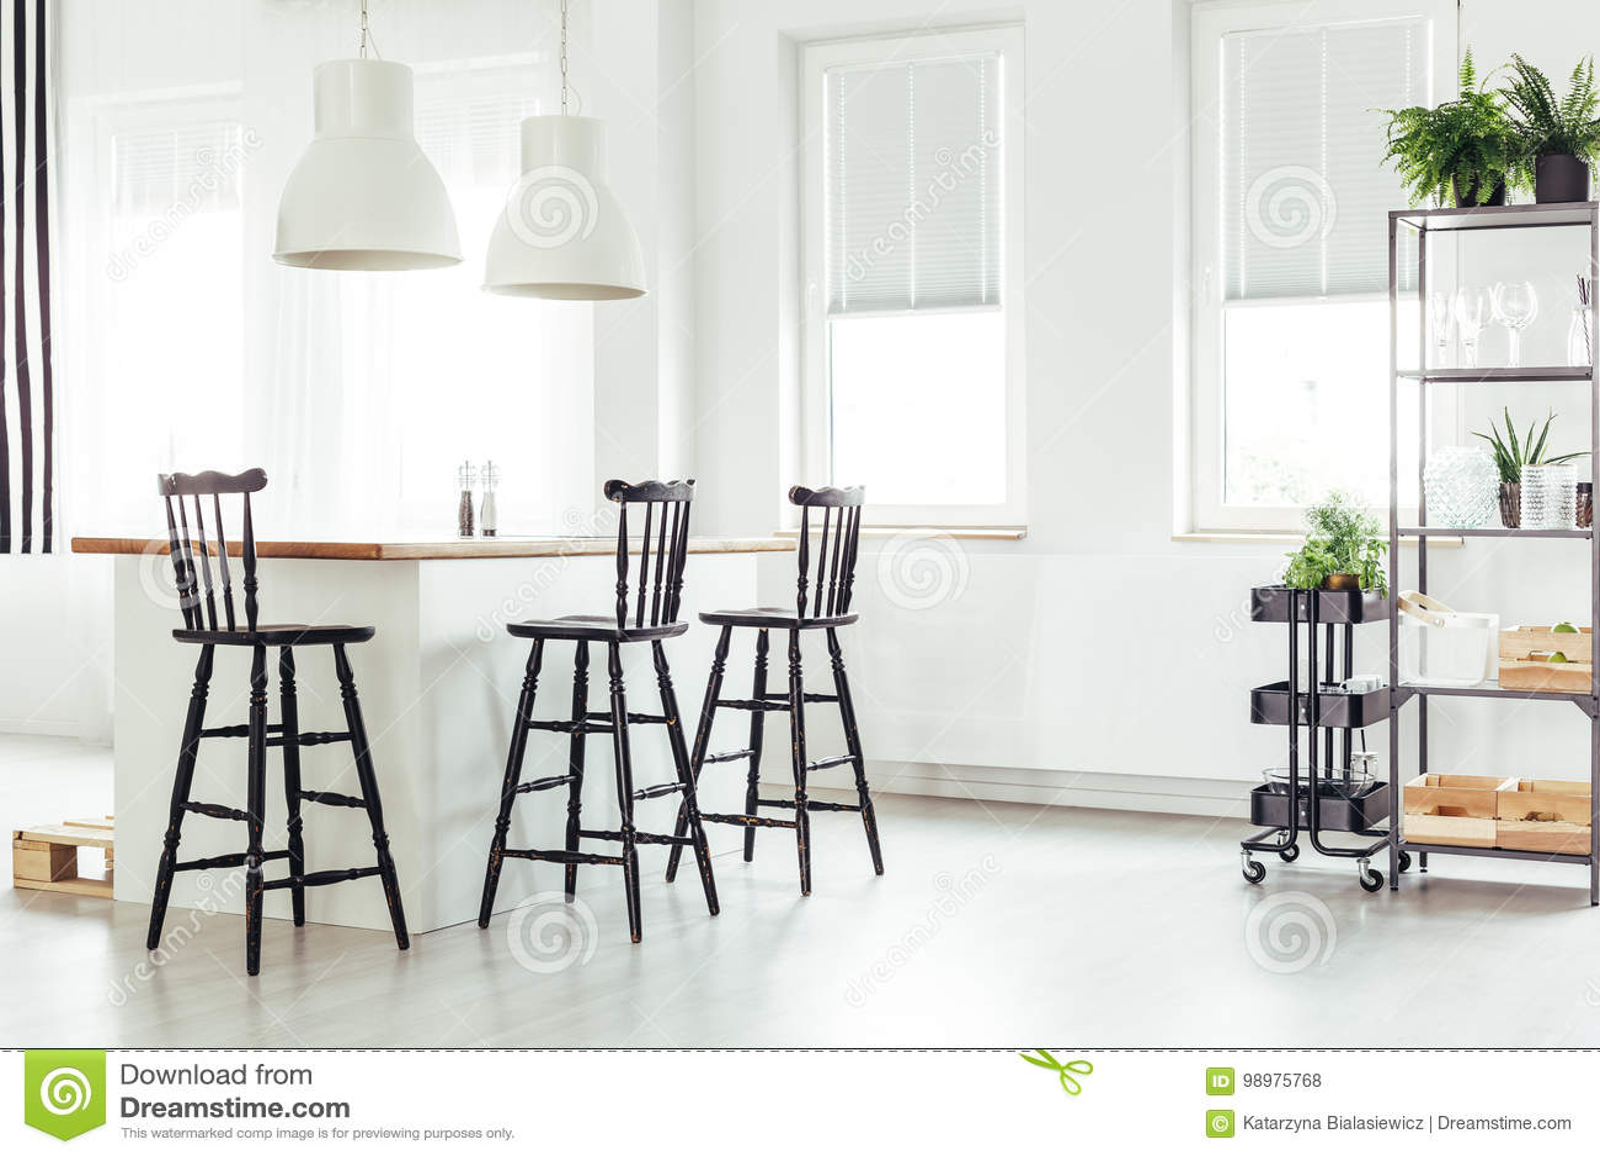 Isola Di Cucina Sotto La Finestra Fotografia Stock ...